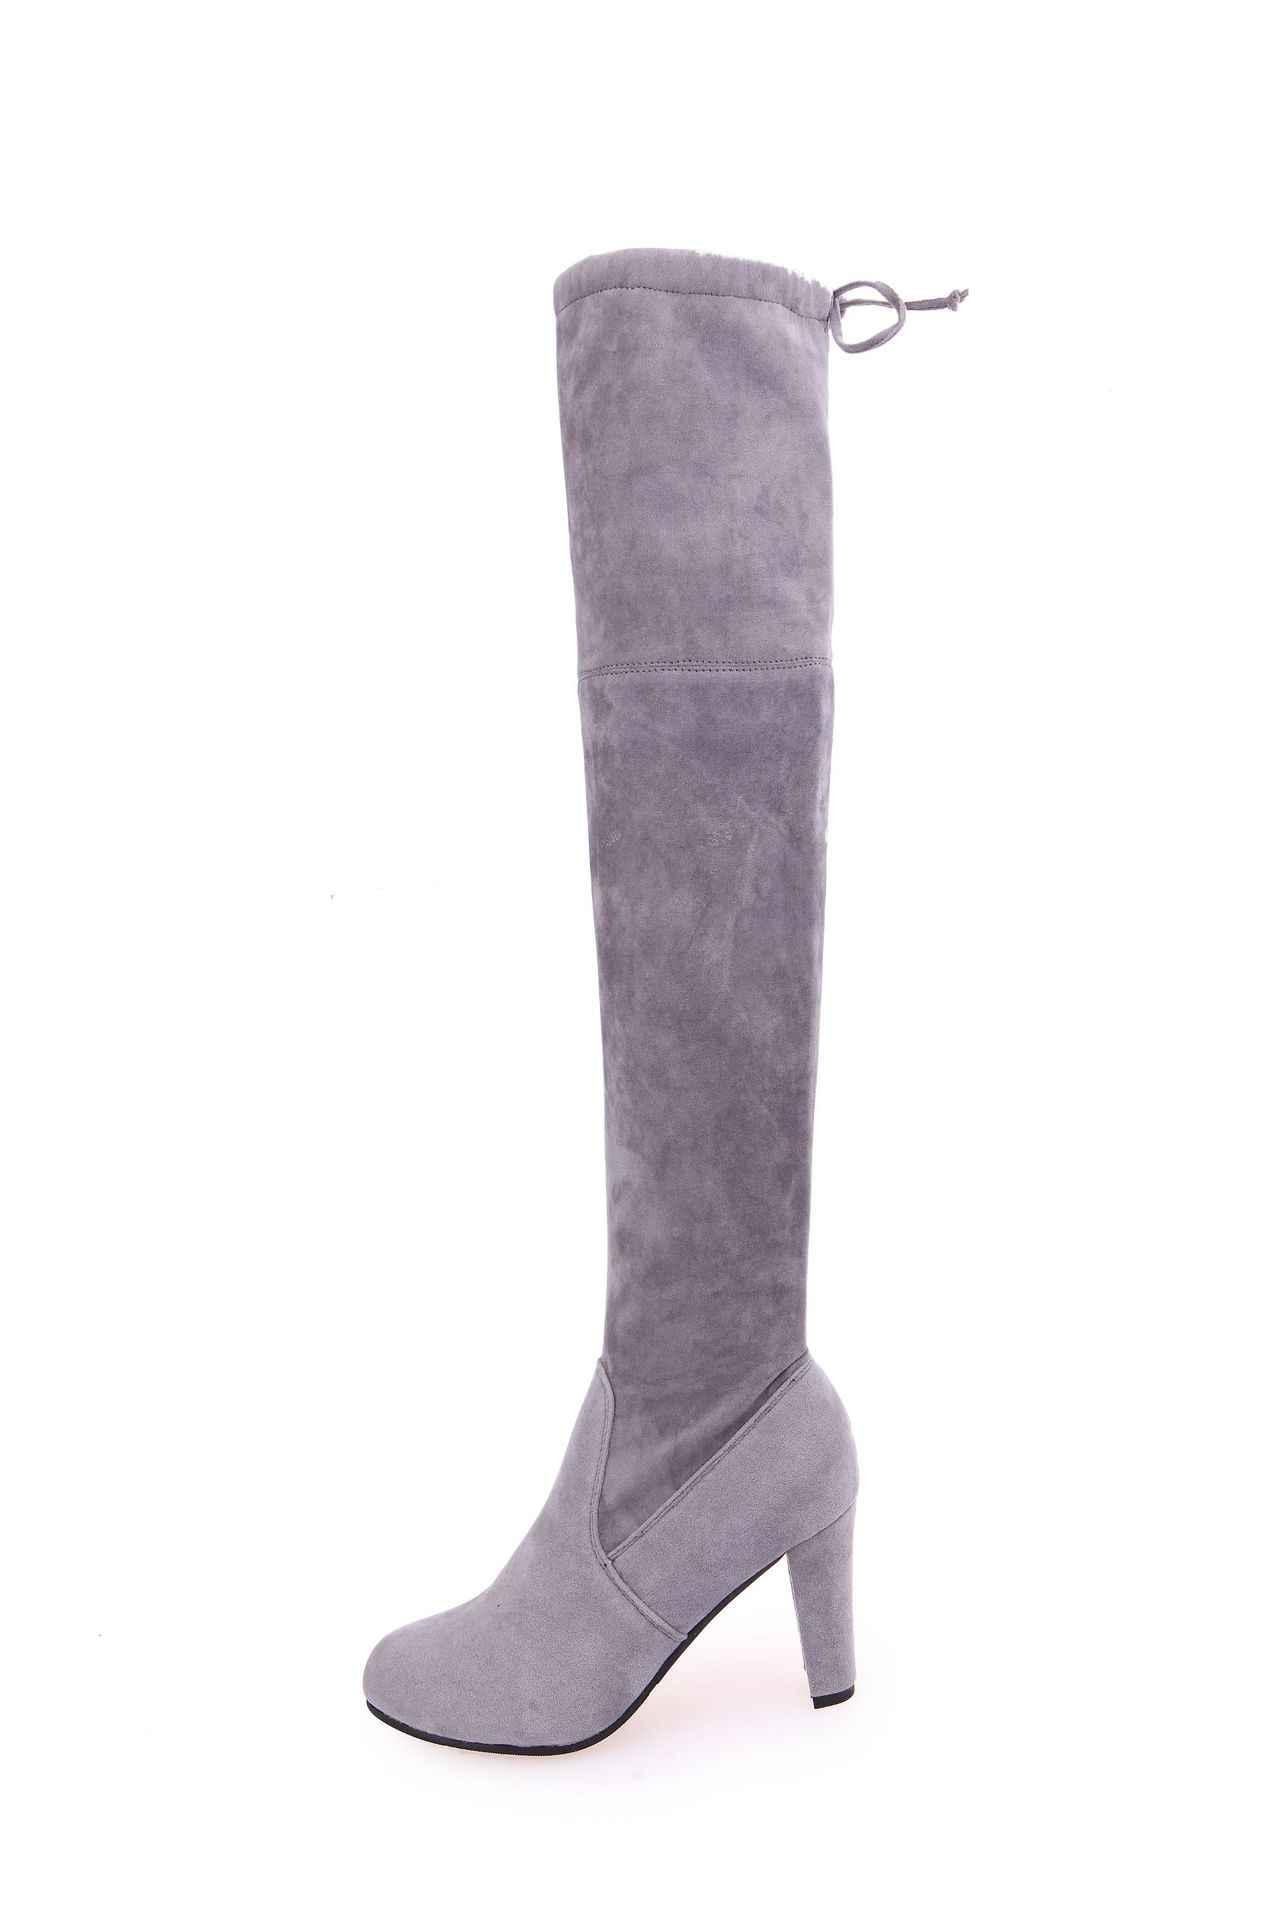 2018 ฤดูหนาวหญิงต้นขาสูงรองเท้า Faux Suede รองเท้าส้นสูงหนังผู้หญิงกว่าเข่ารองเท้า Zapatos De Mujer ขนาด-43